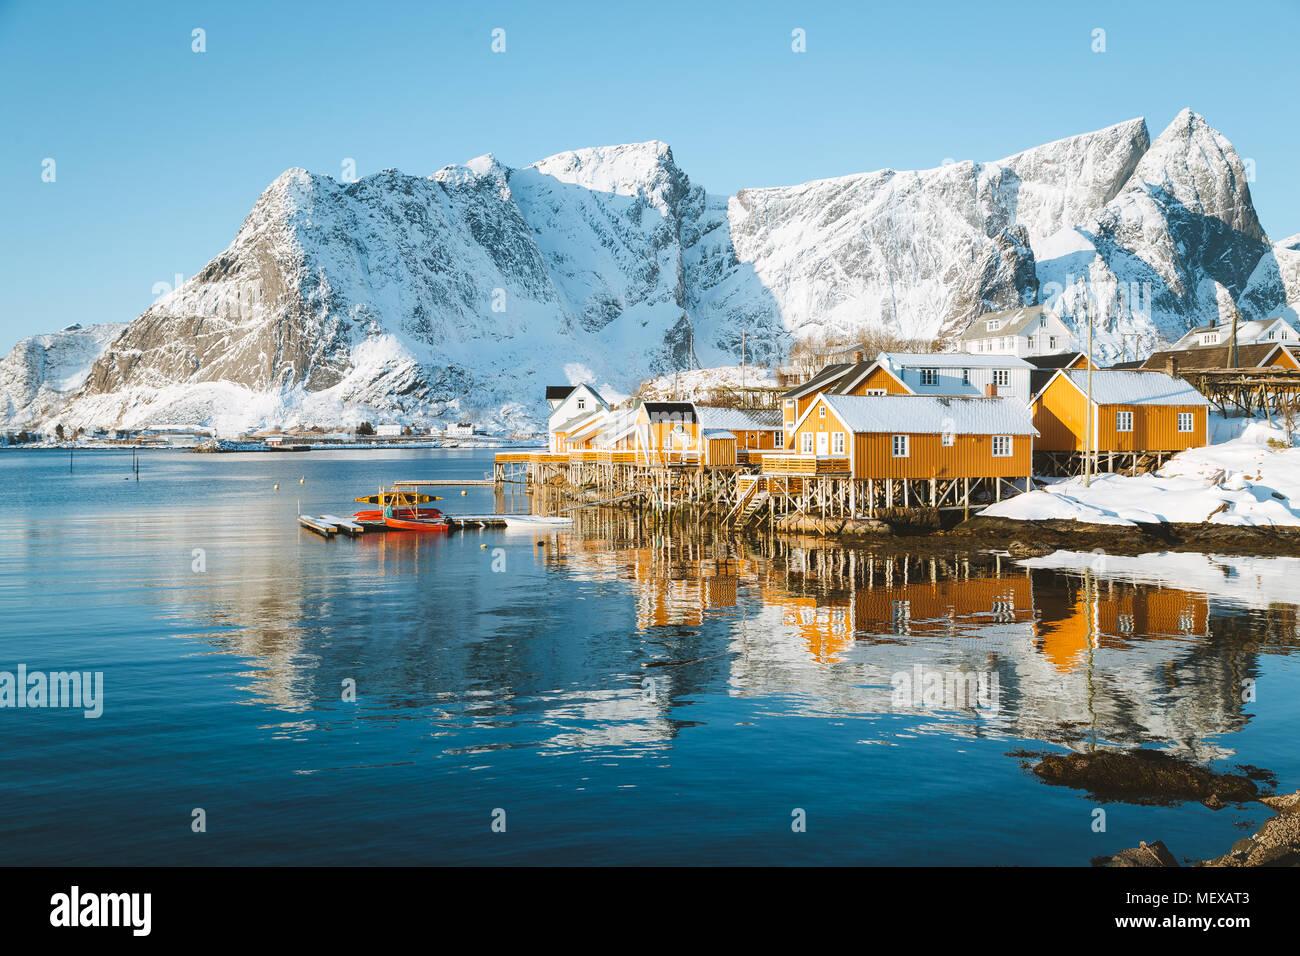 L'archipel des îles Lofoten pittoresque paysage d'hiver avec pêcheur traditionnel jaune Rorbuer cabines dans le village historique de Sakrisoy, Norvège Banque D'Images